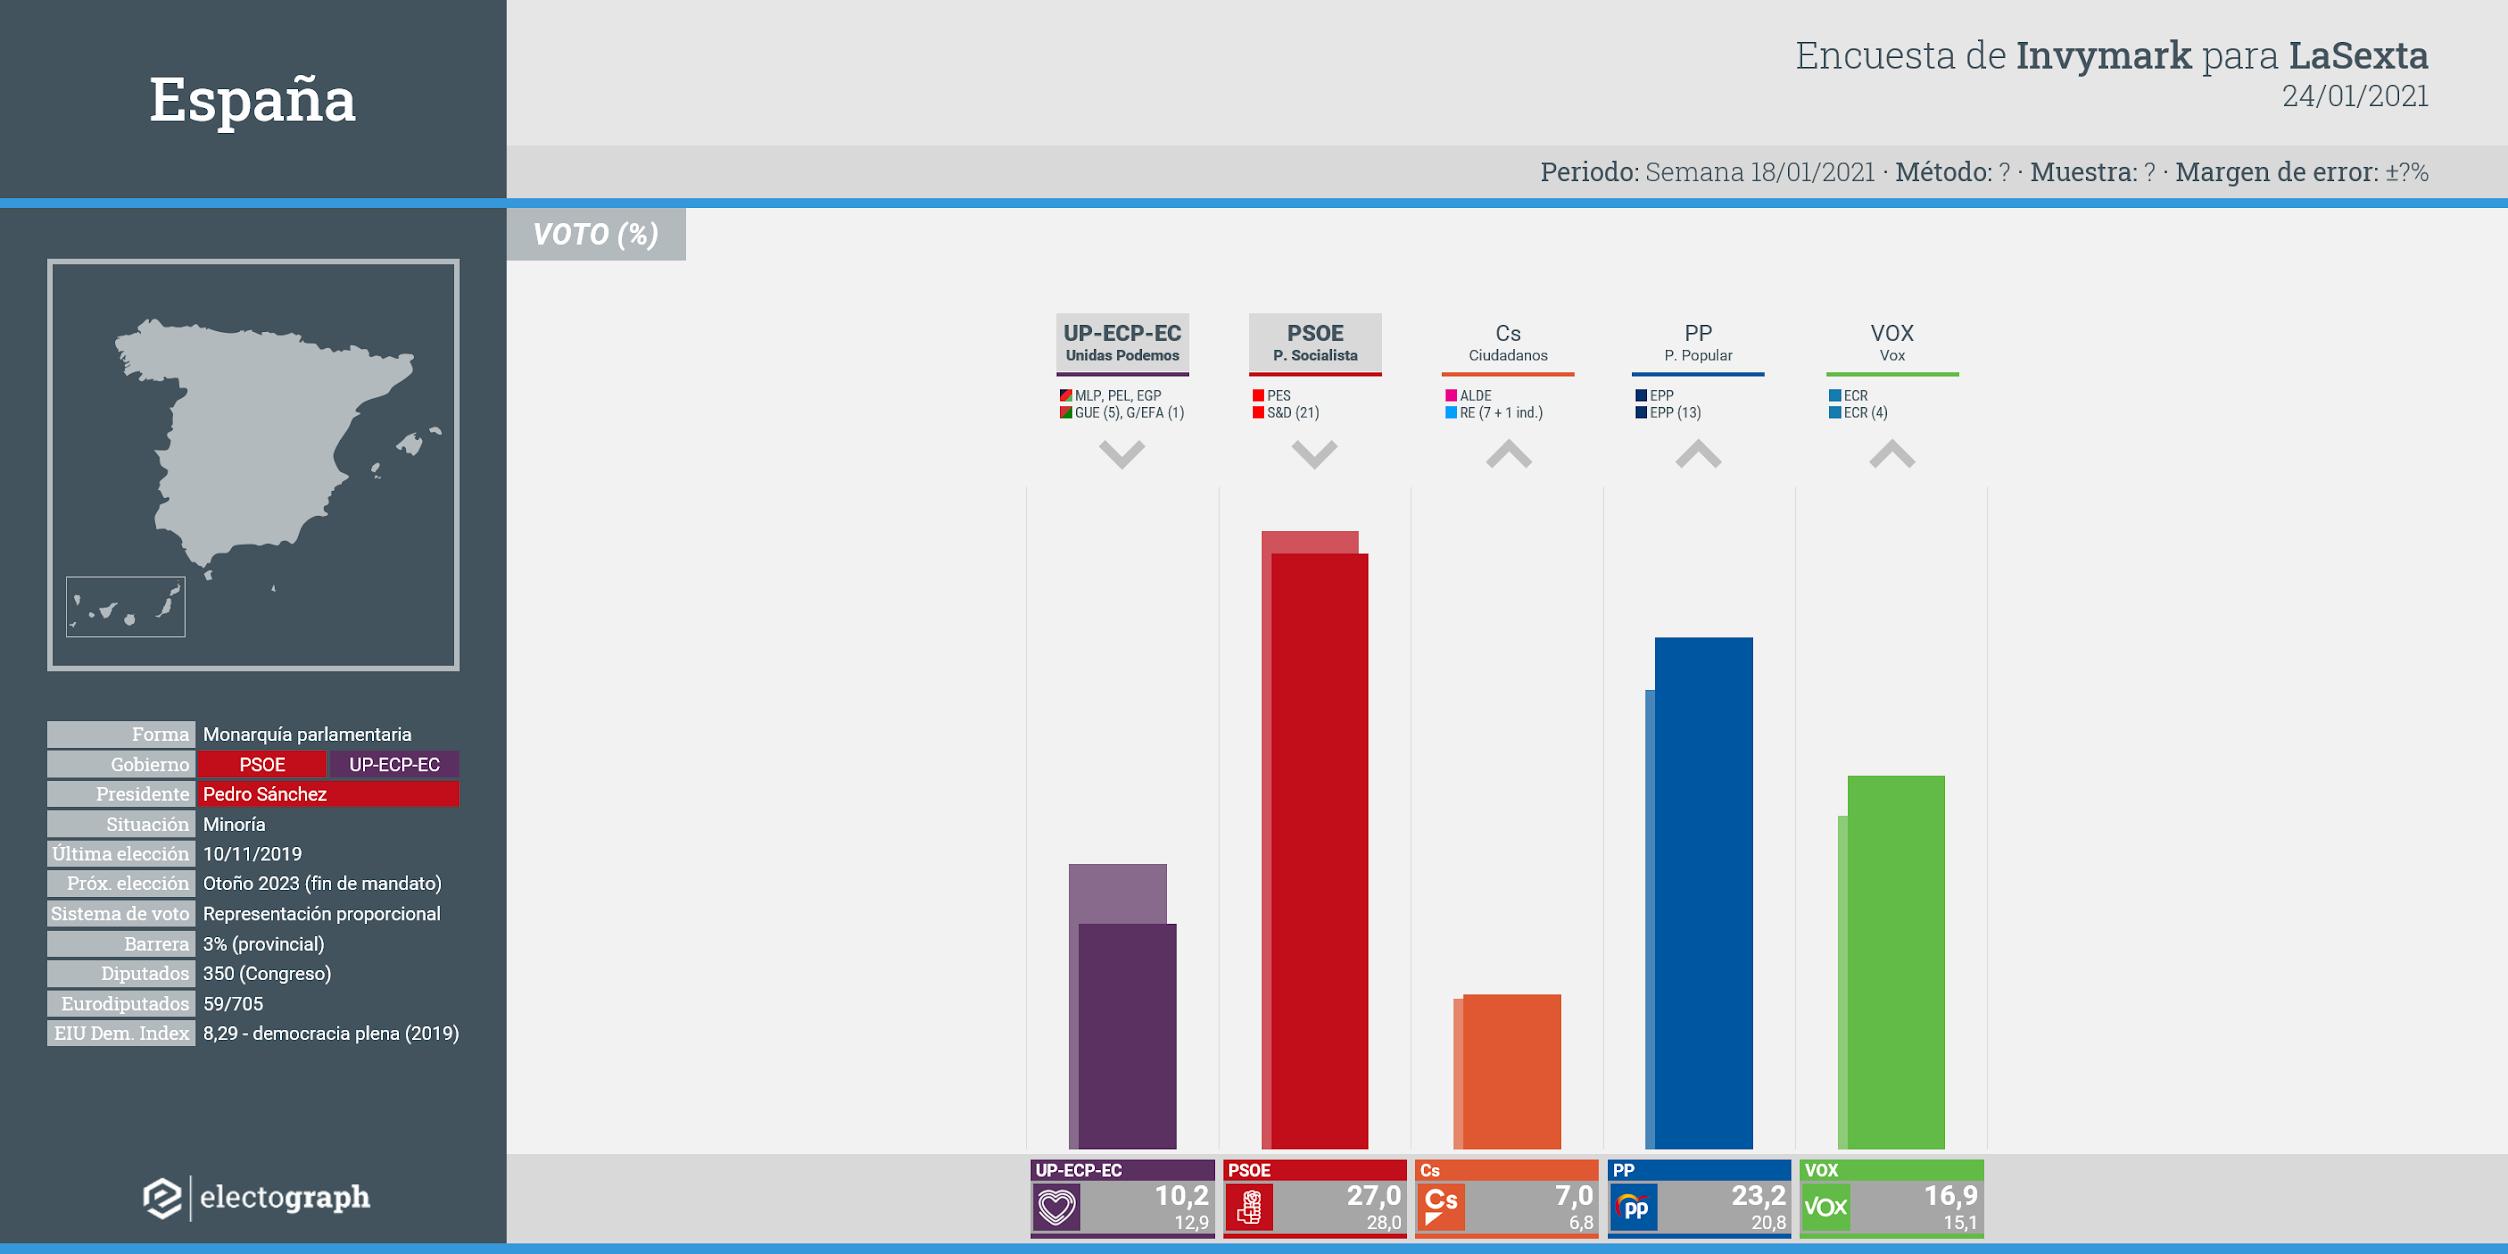 Gráfico de la encuesta para elecciones generales en España realizada por Invymark para LaSexta, 24 de enero de 2021